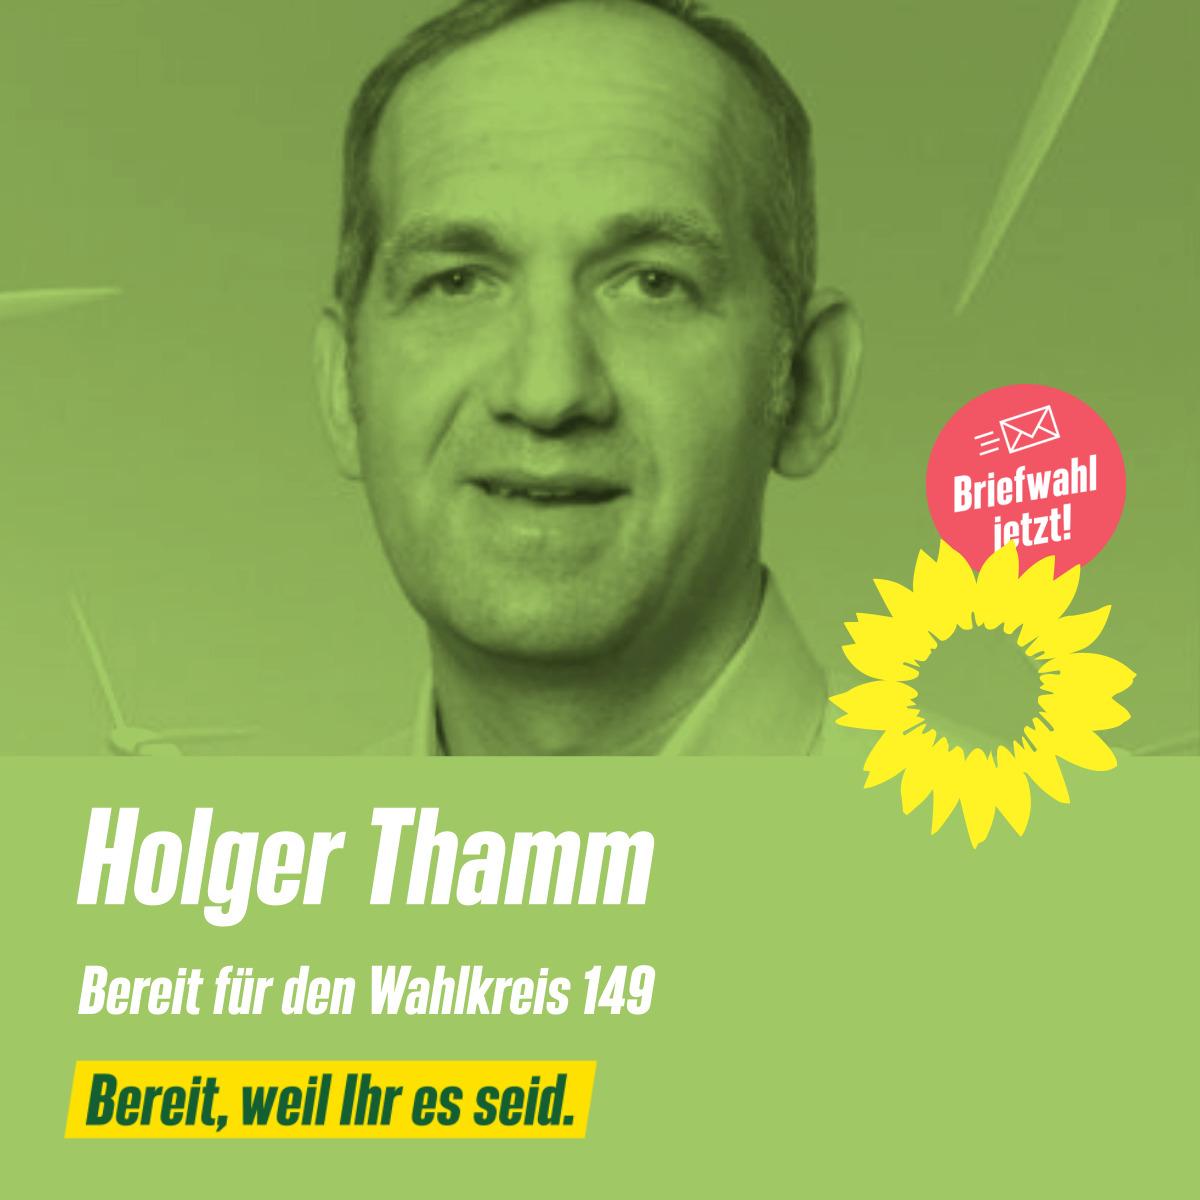 Holger Thamm - Bereit für den Wahlkreis 149.